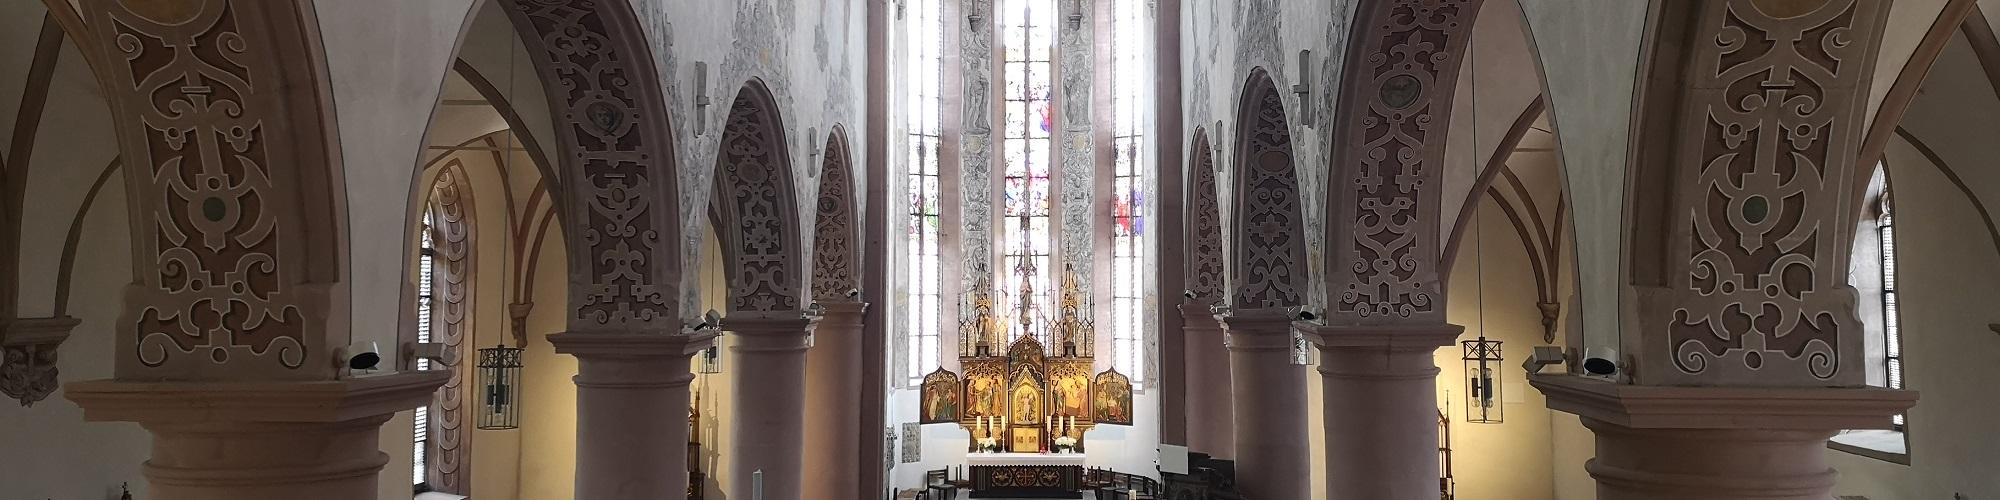 Bischofsheim St. Georg